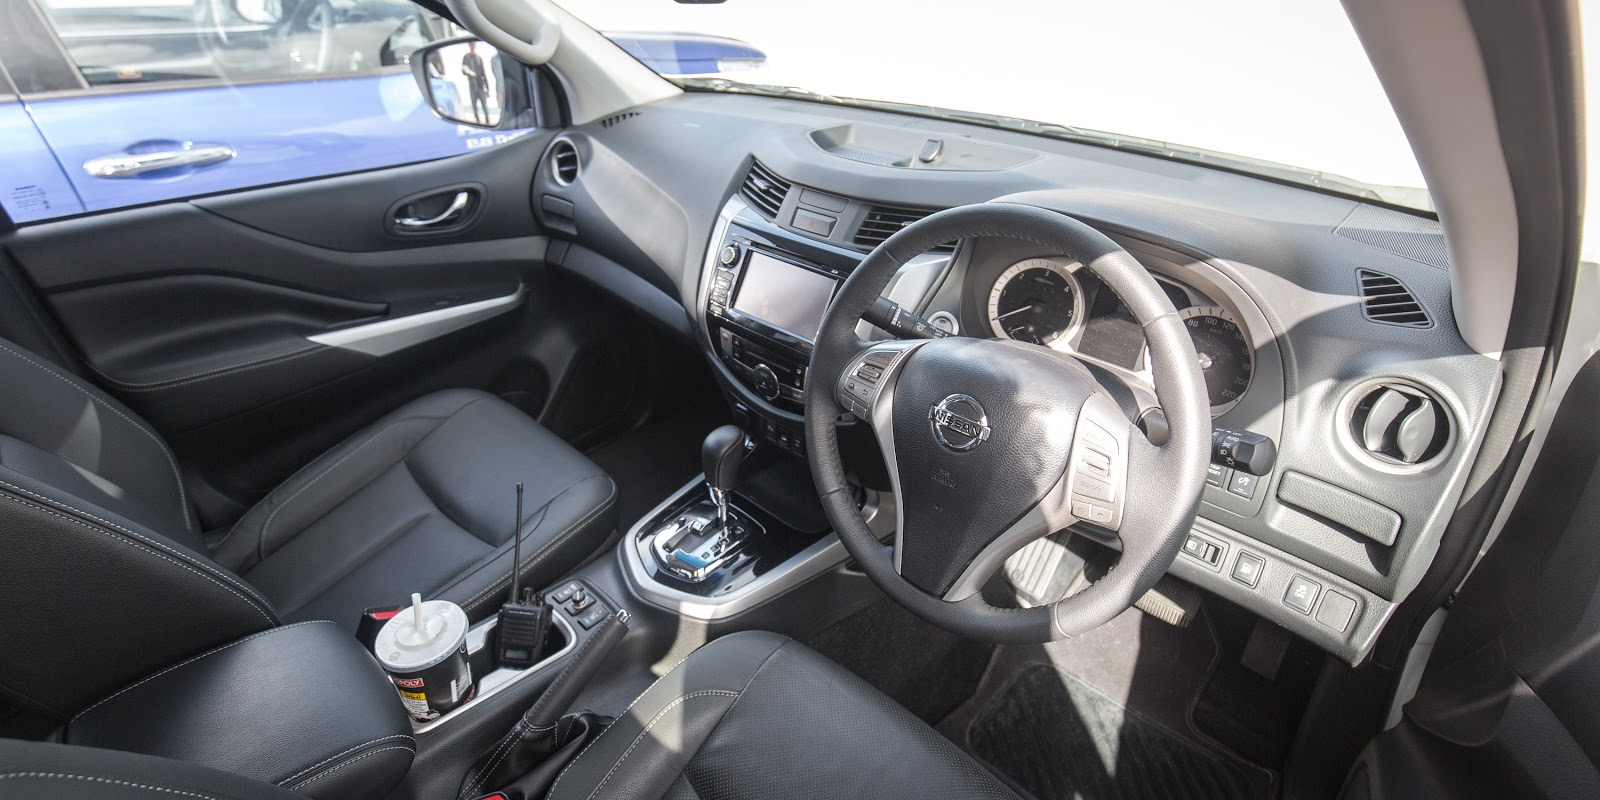 Ngồi trong khoang lái thế này đảm bảo bạn sẽ có trải nghiệm lái sướng nhất có thể